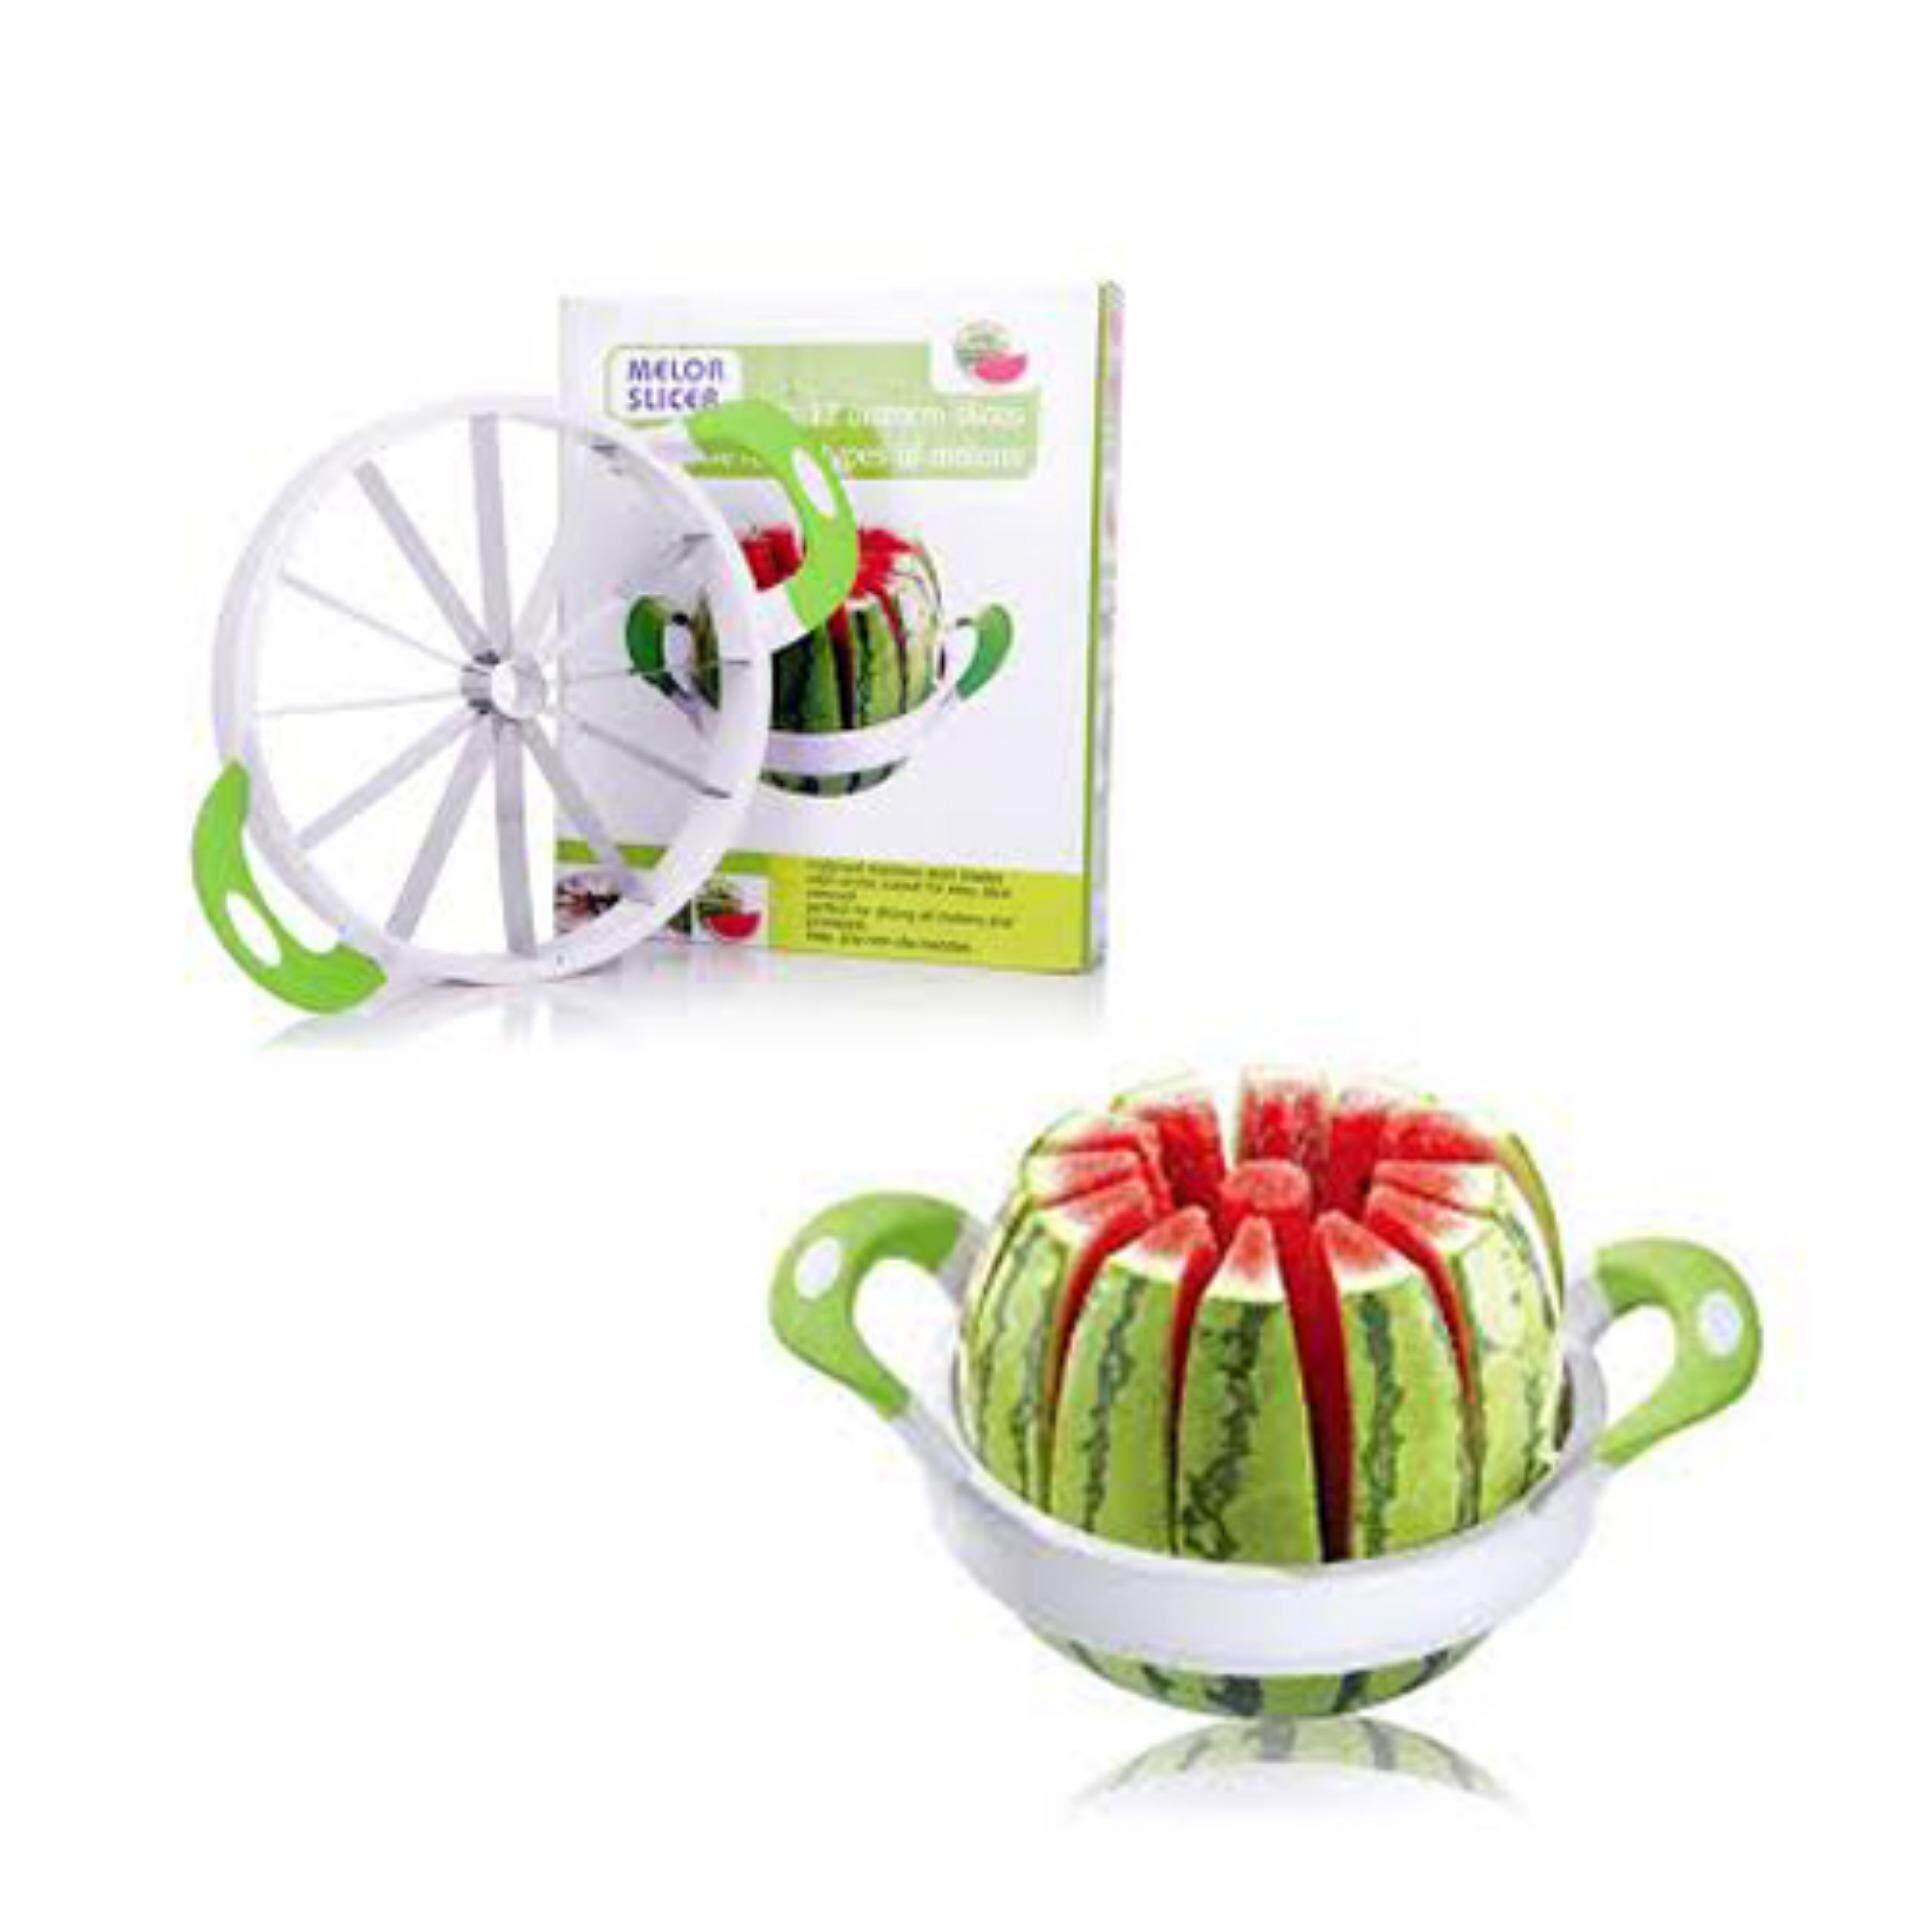 Watermelon Slicer Diameter Large Stainless Steel Fruit Cantaloup Melon Apple Slicer Cutter Peeler Corer Server for Home